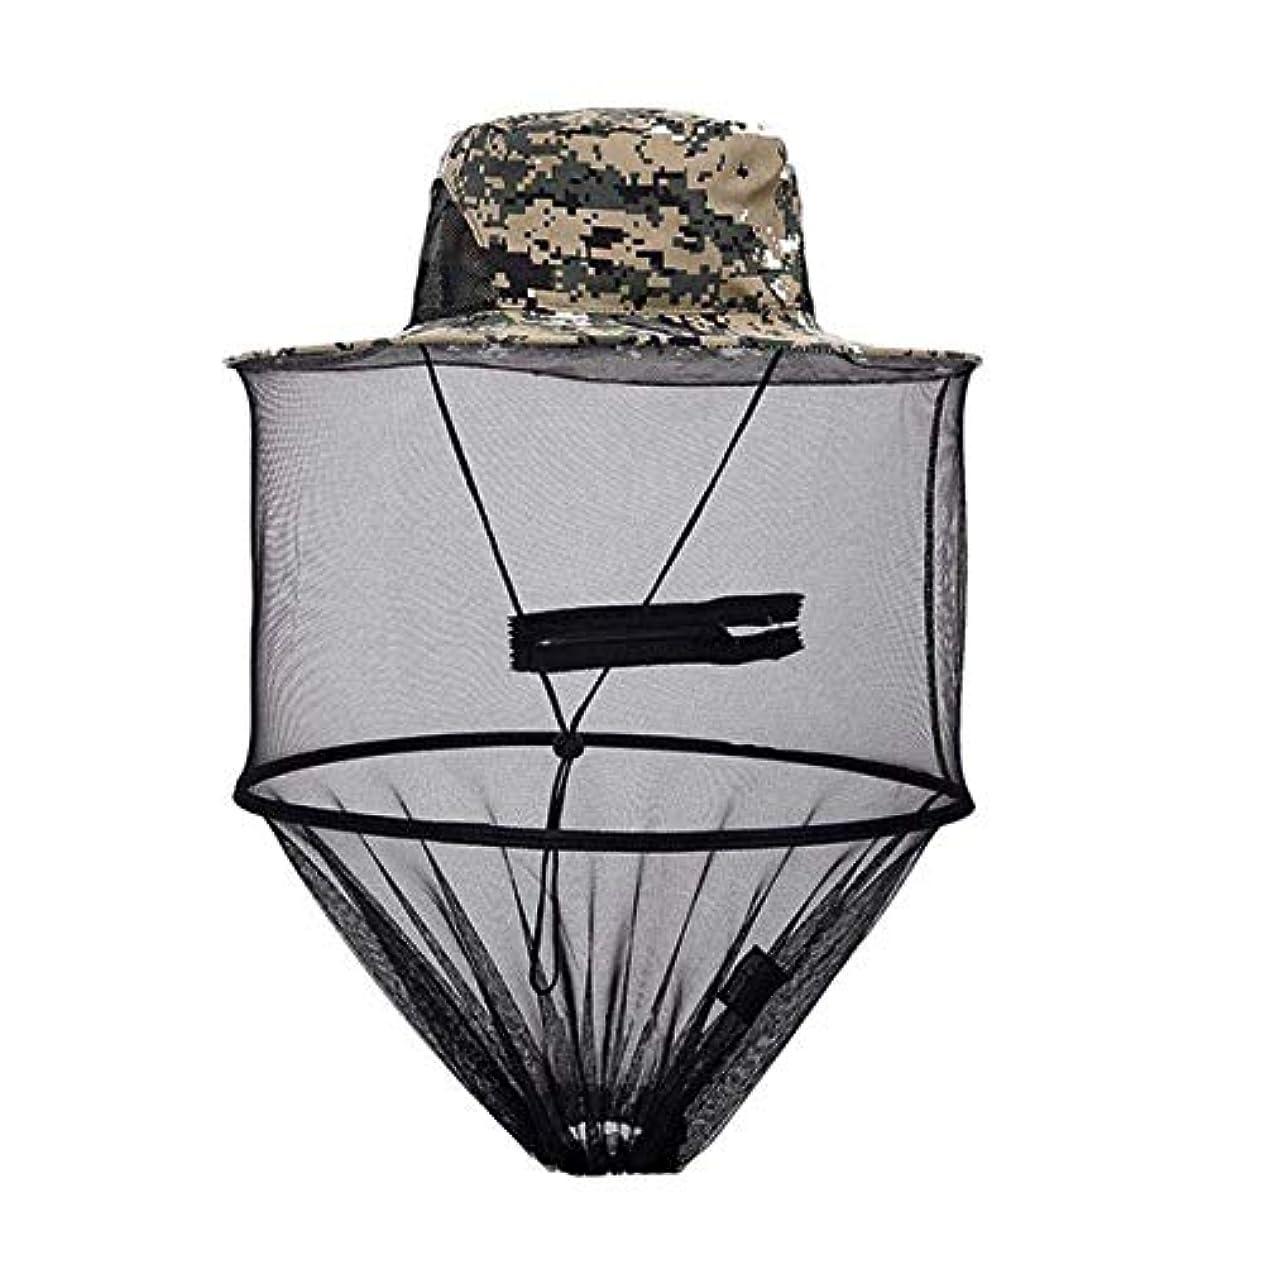 平らなに対処する犬Saikogoods アウトドアキャンプハイキング狩猟のためにネットメッシュ?ヘッドフェイスプロテクター 釣りの帽子蚊キャップ ミッジフライバグ昆虫蜂ハット デジタル迷彩